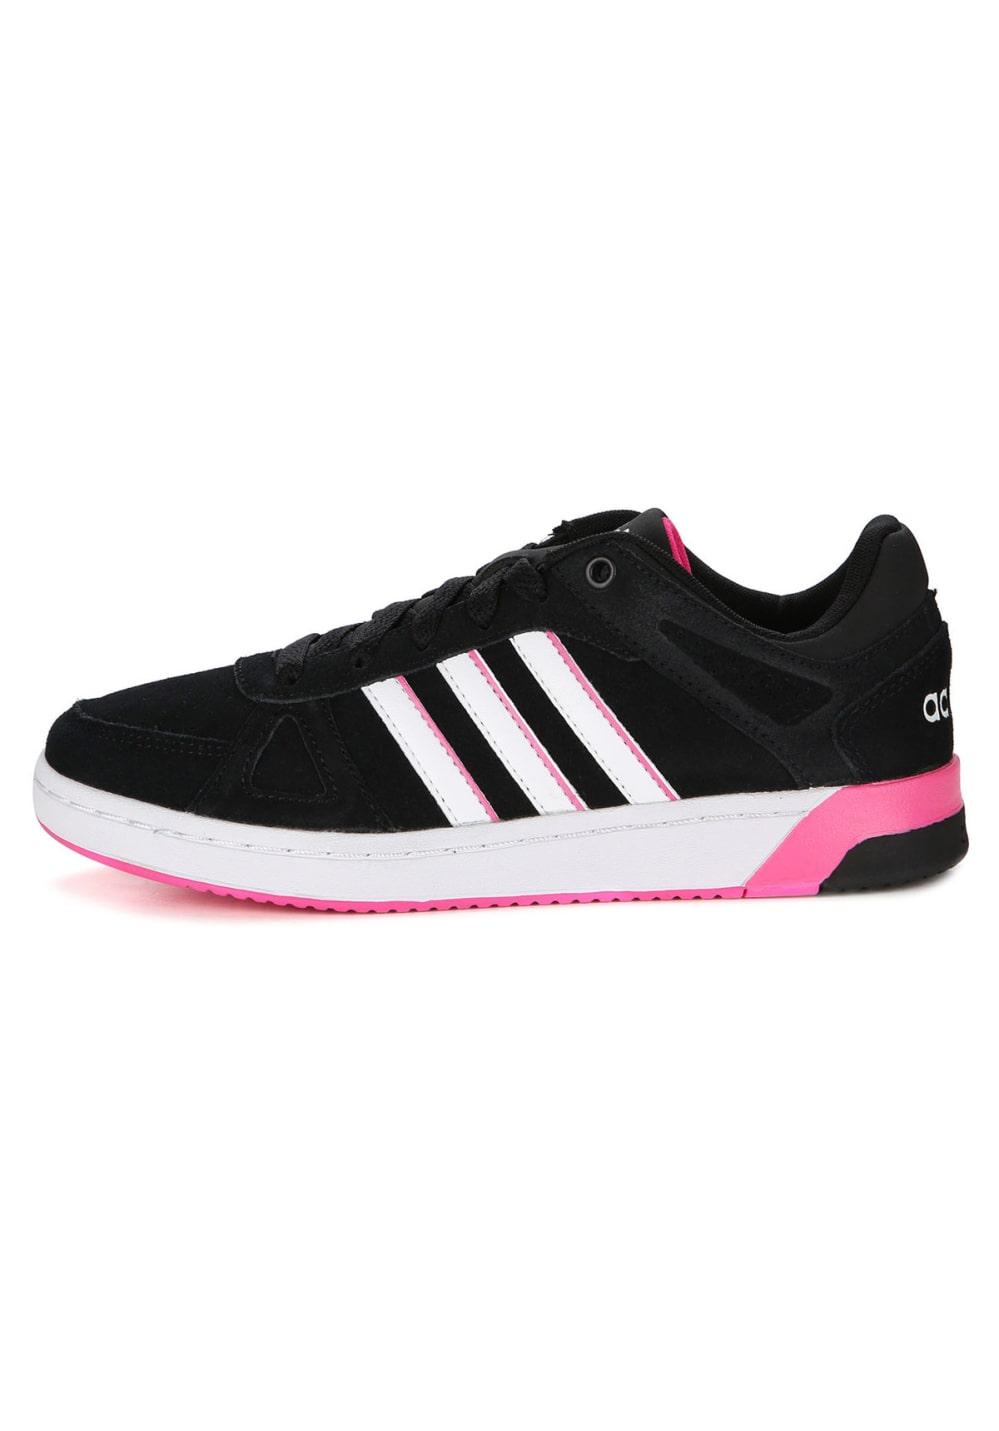 Schuhe Bär Limitiert Adidas Ausgefallene Ausgefallene Ygb6yf7